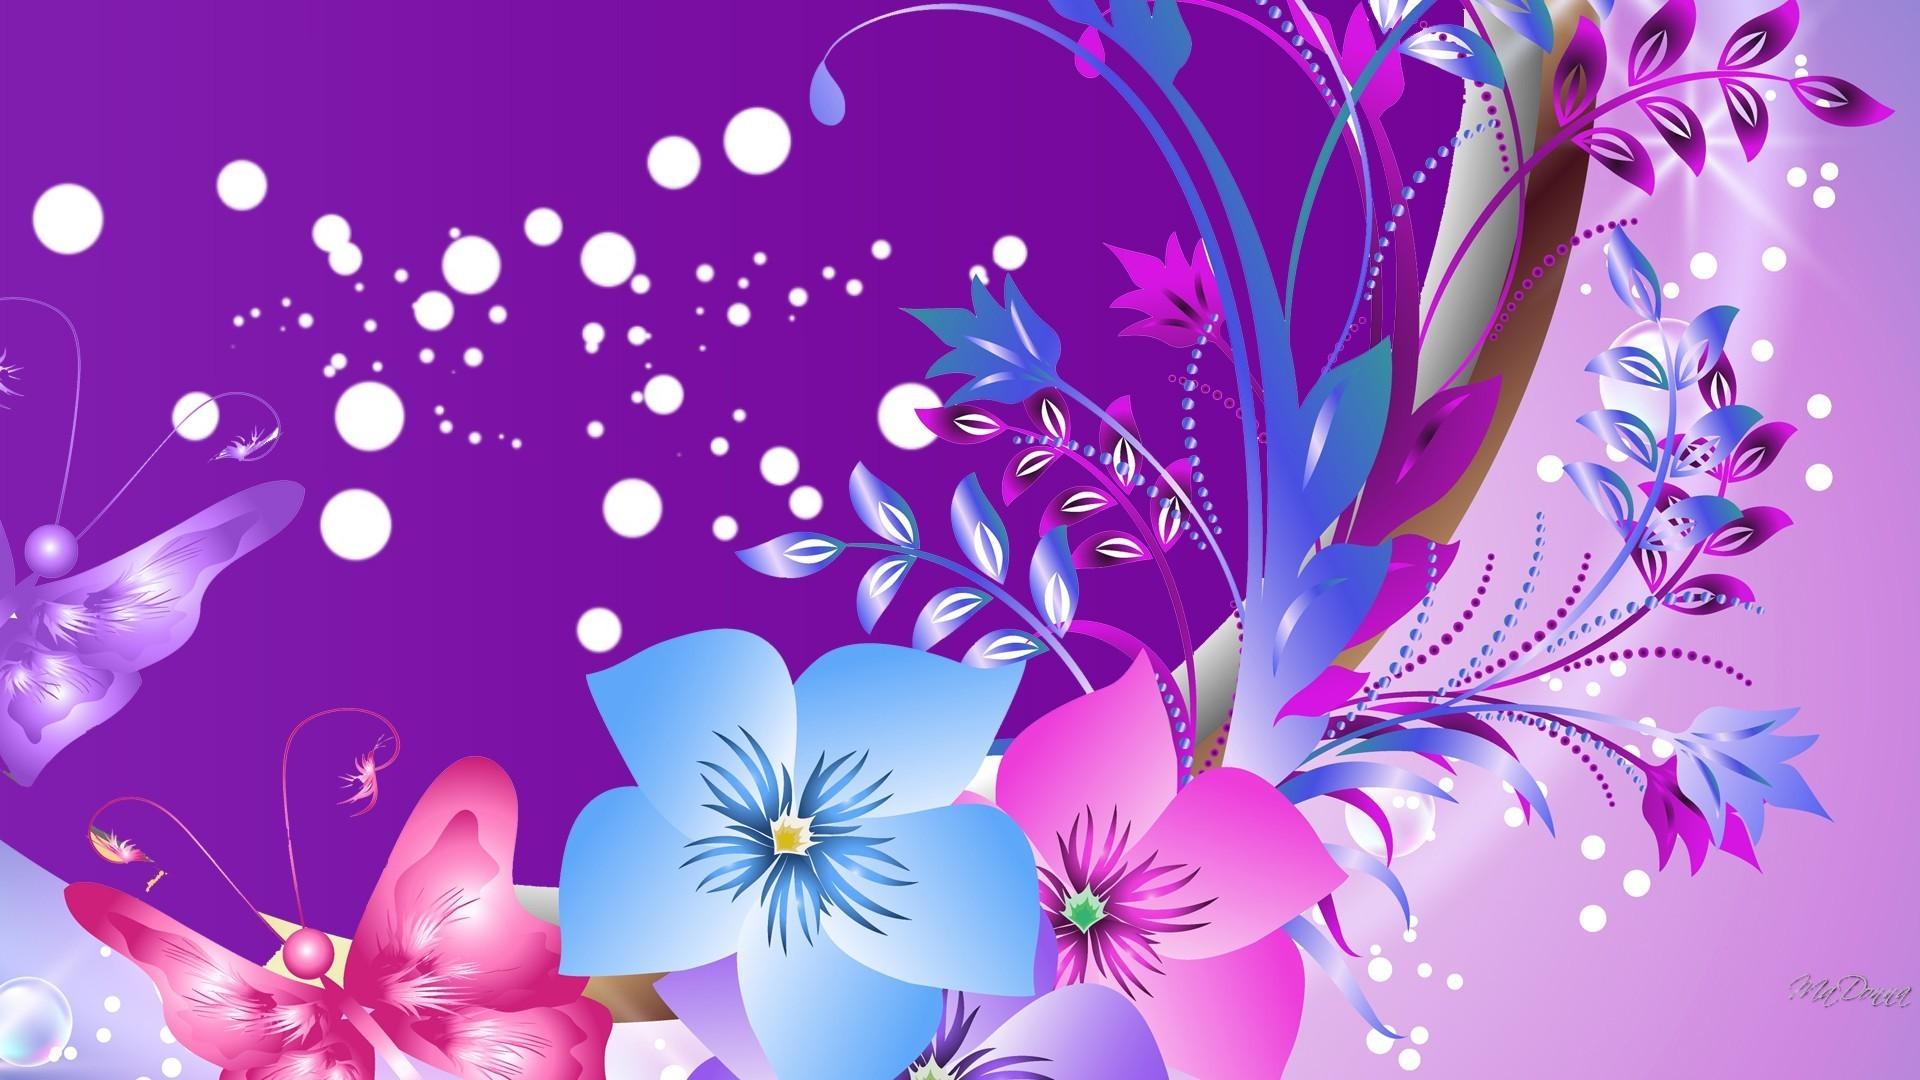 Purple butterfly wallpaper - photo#41